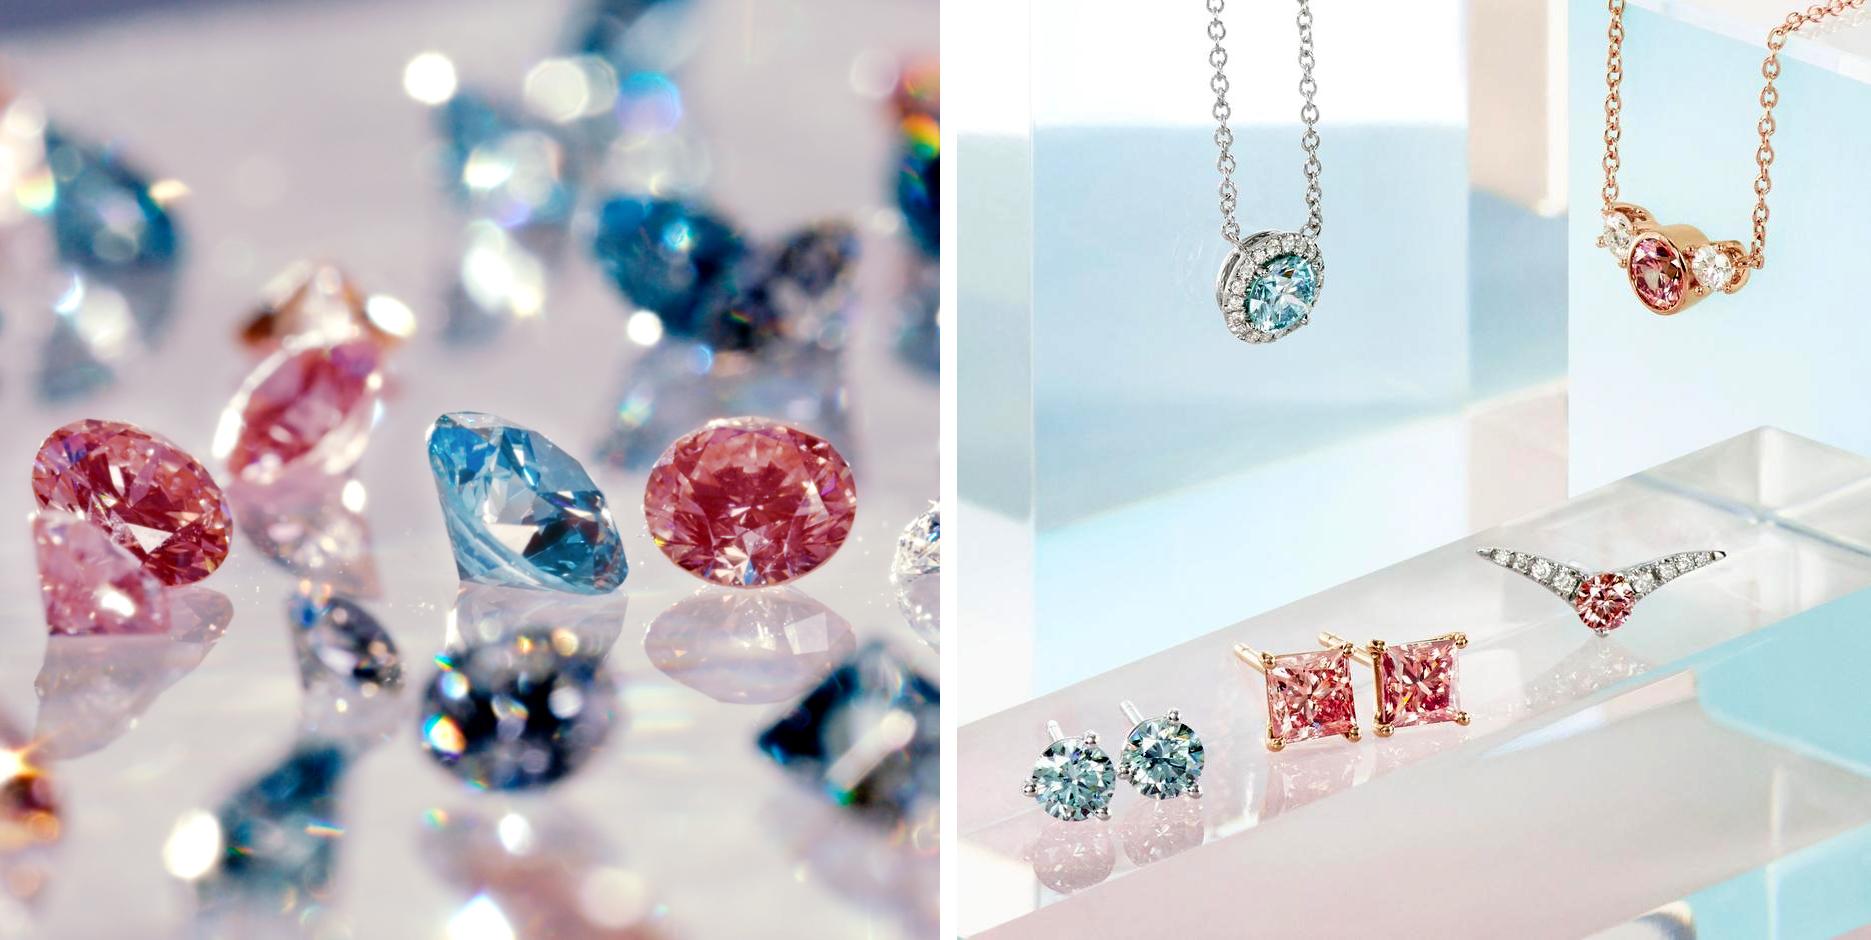 De Beers rompe la baraja: venderá joyas con diamantes sintéticos low cost